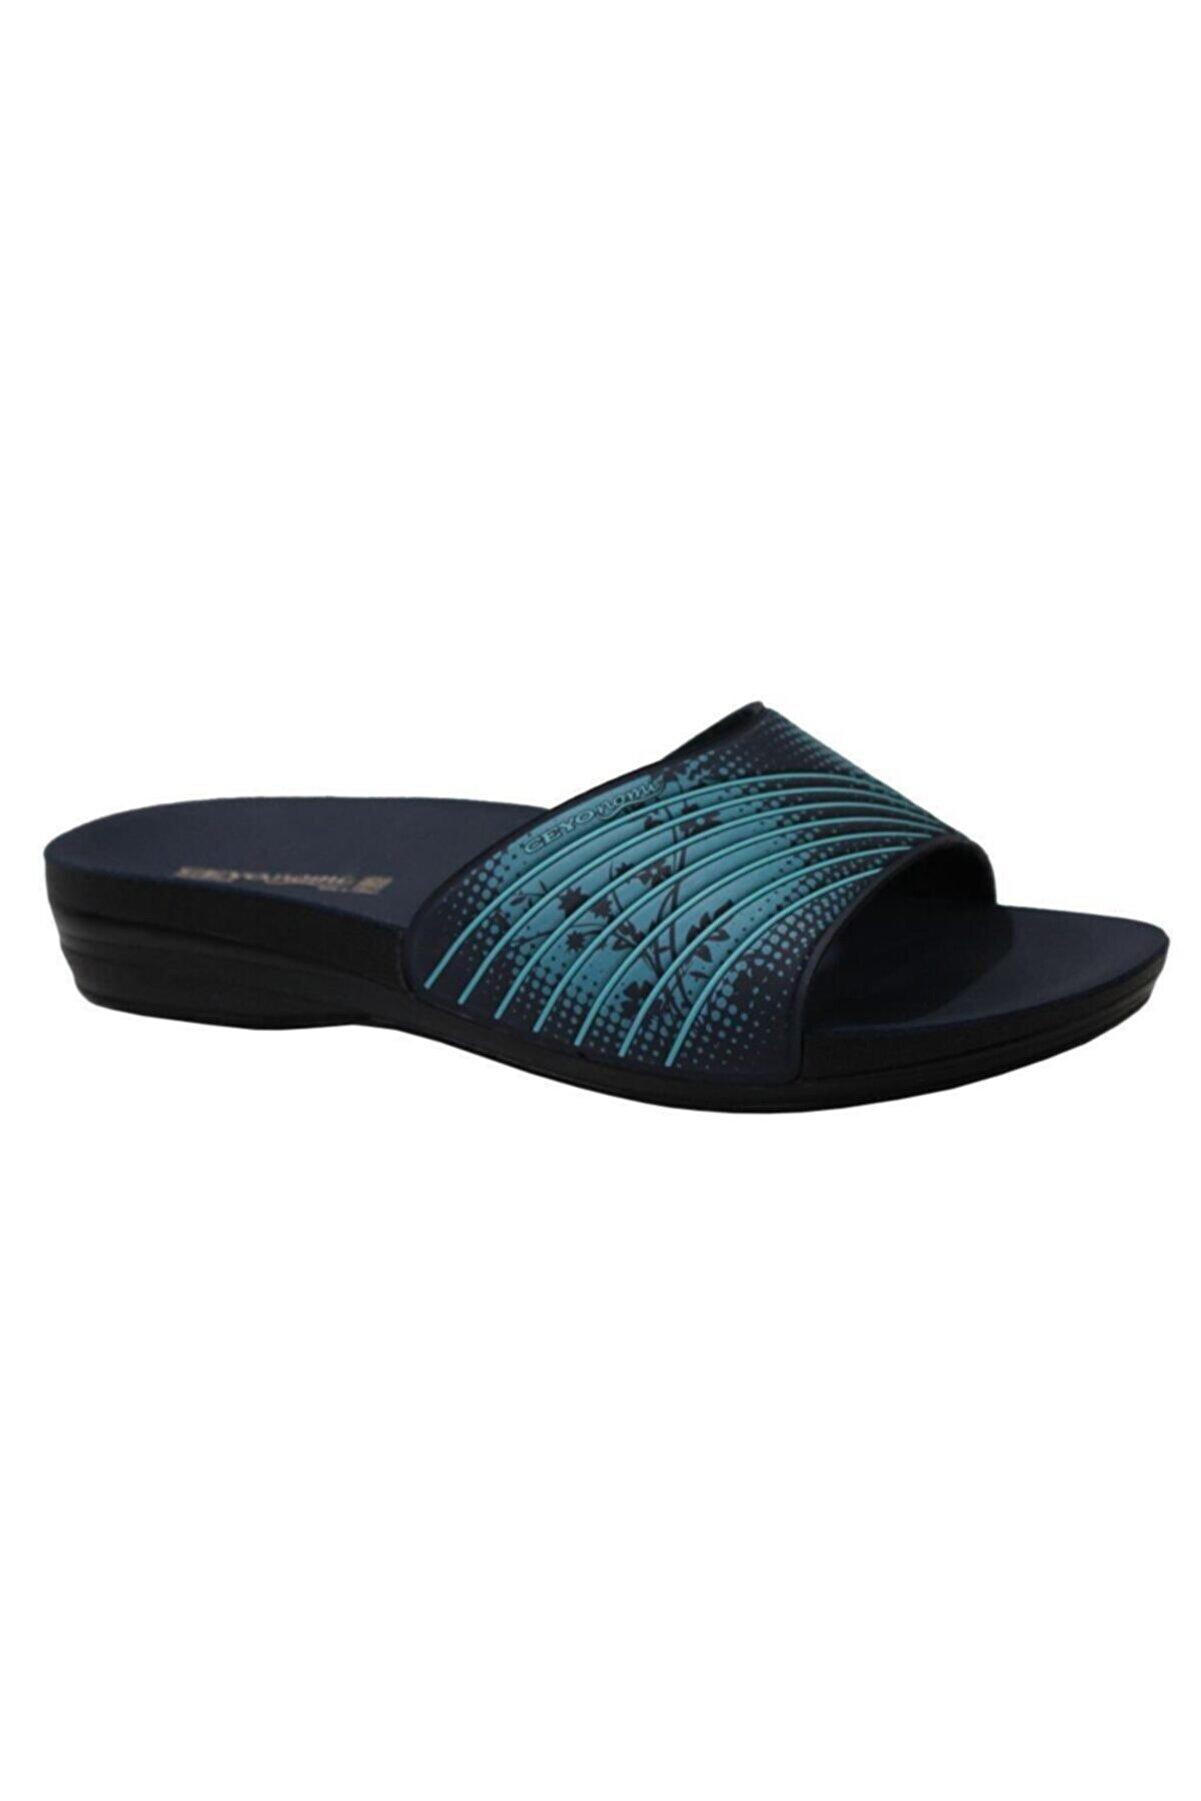 Ceyo Marina-5 Lacivert Ortapedik Bayan Terlik & Sandalet